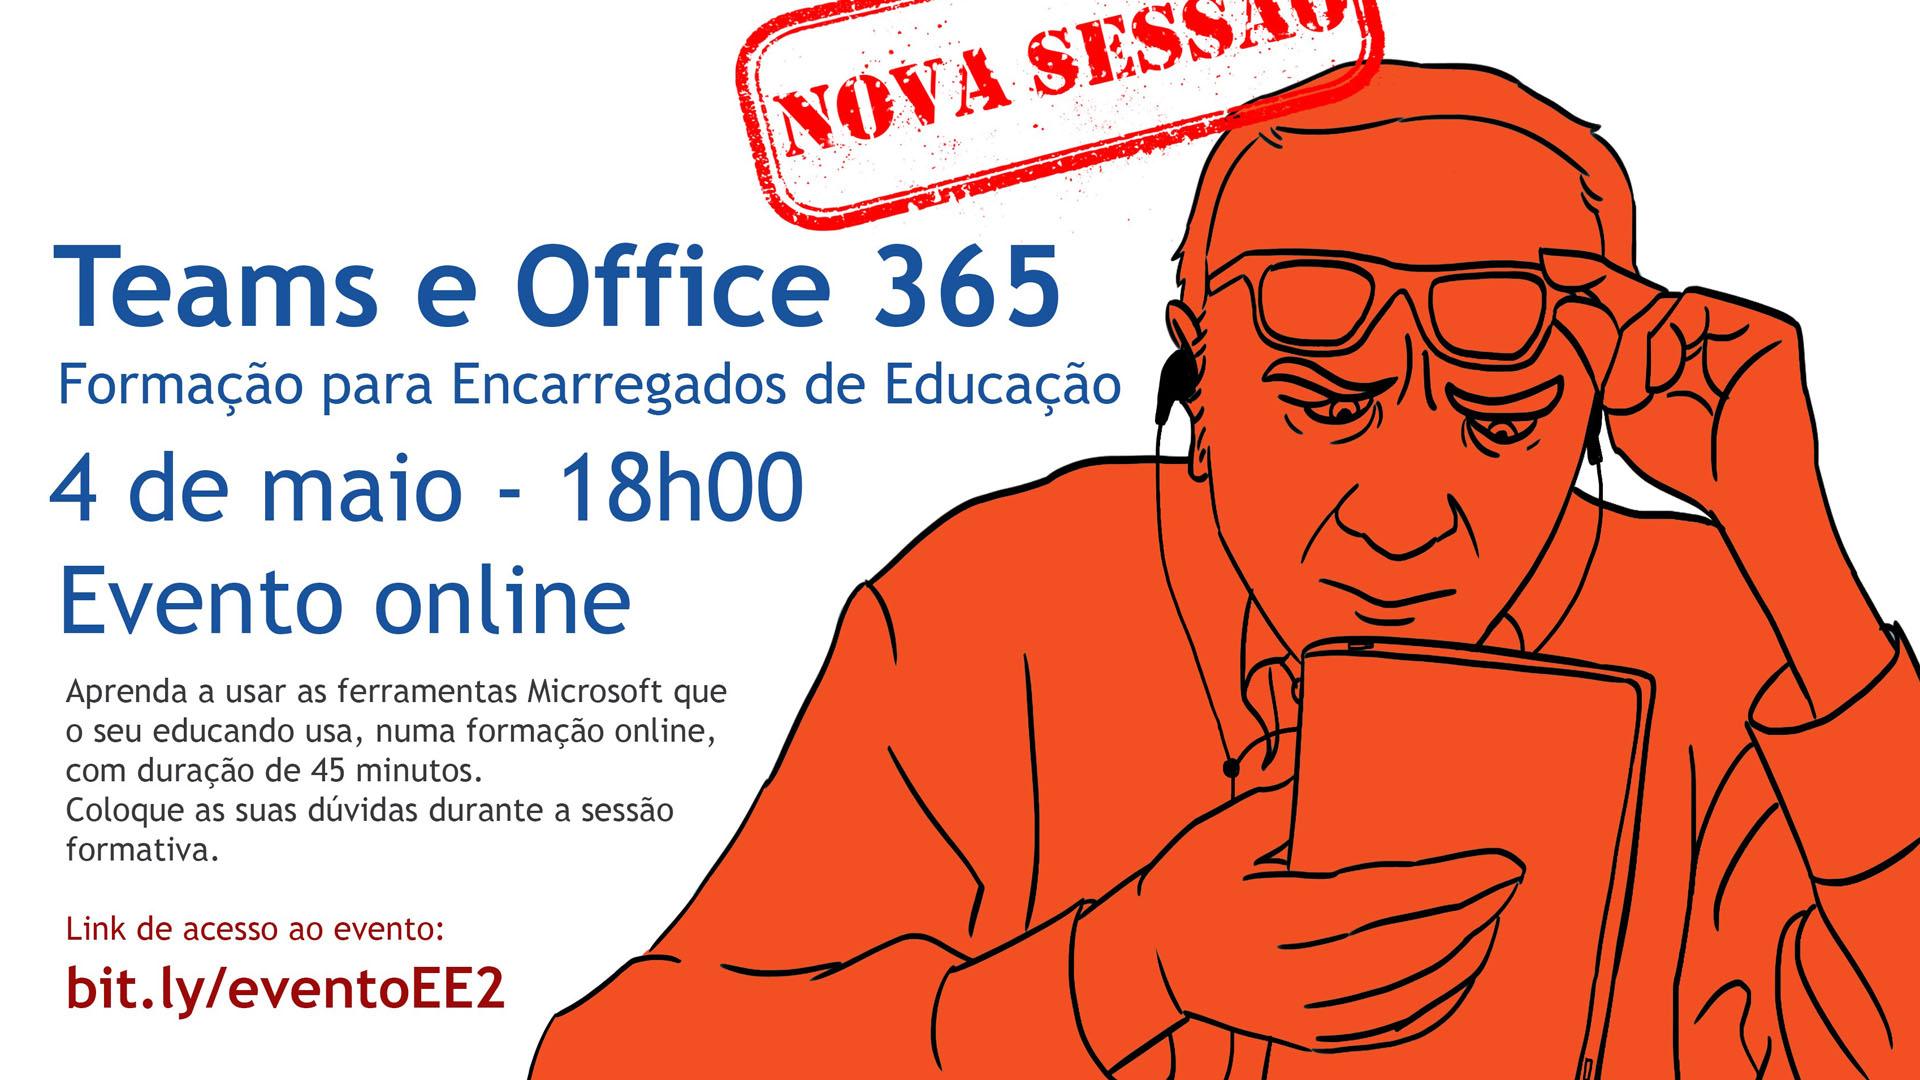 Governo dos Açores promove formação em competências digitais para Encarregados de Educação